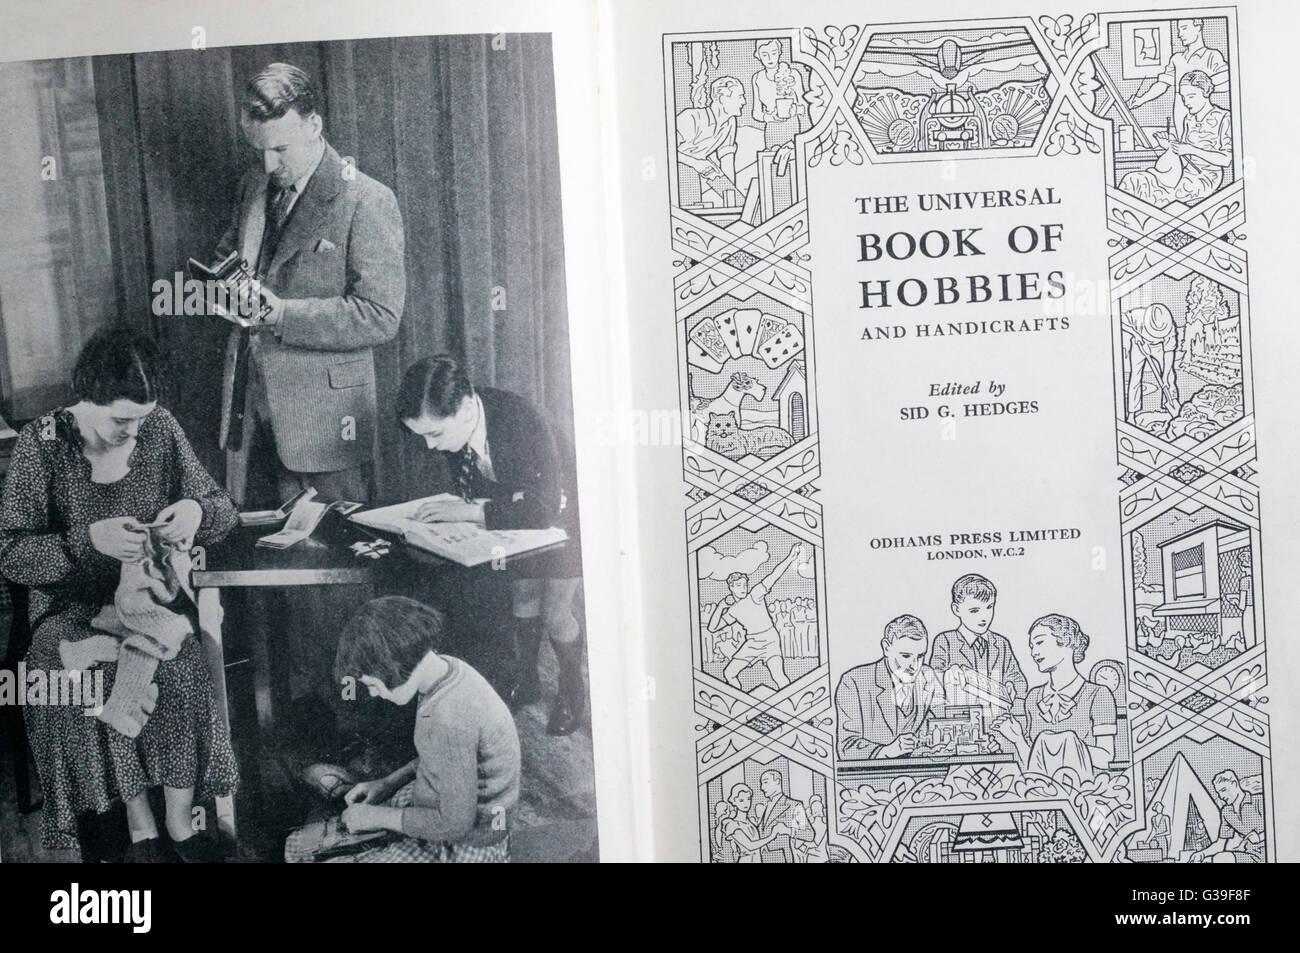 El libro de Universal Hobbies y manualidades editado por Sid setos y publicado por Odhams Press en 1930 o 1940. Imagen De Stock